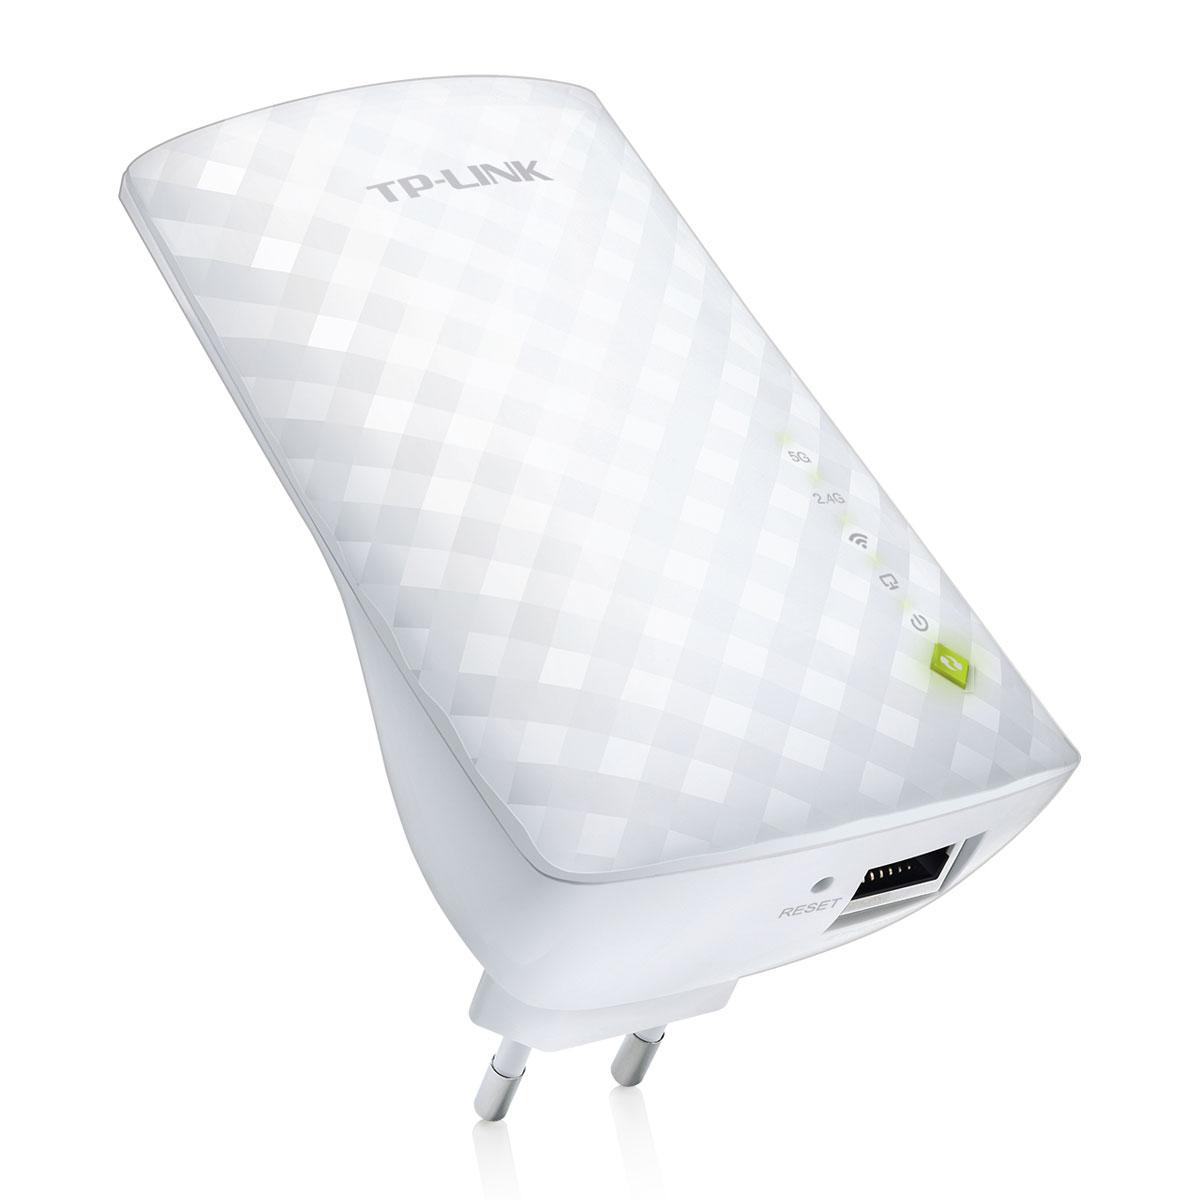 TP-Link RE200 - Répéteur WiFi AC 750 - Cybertek.fr - 2